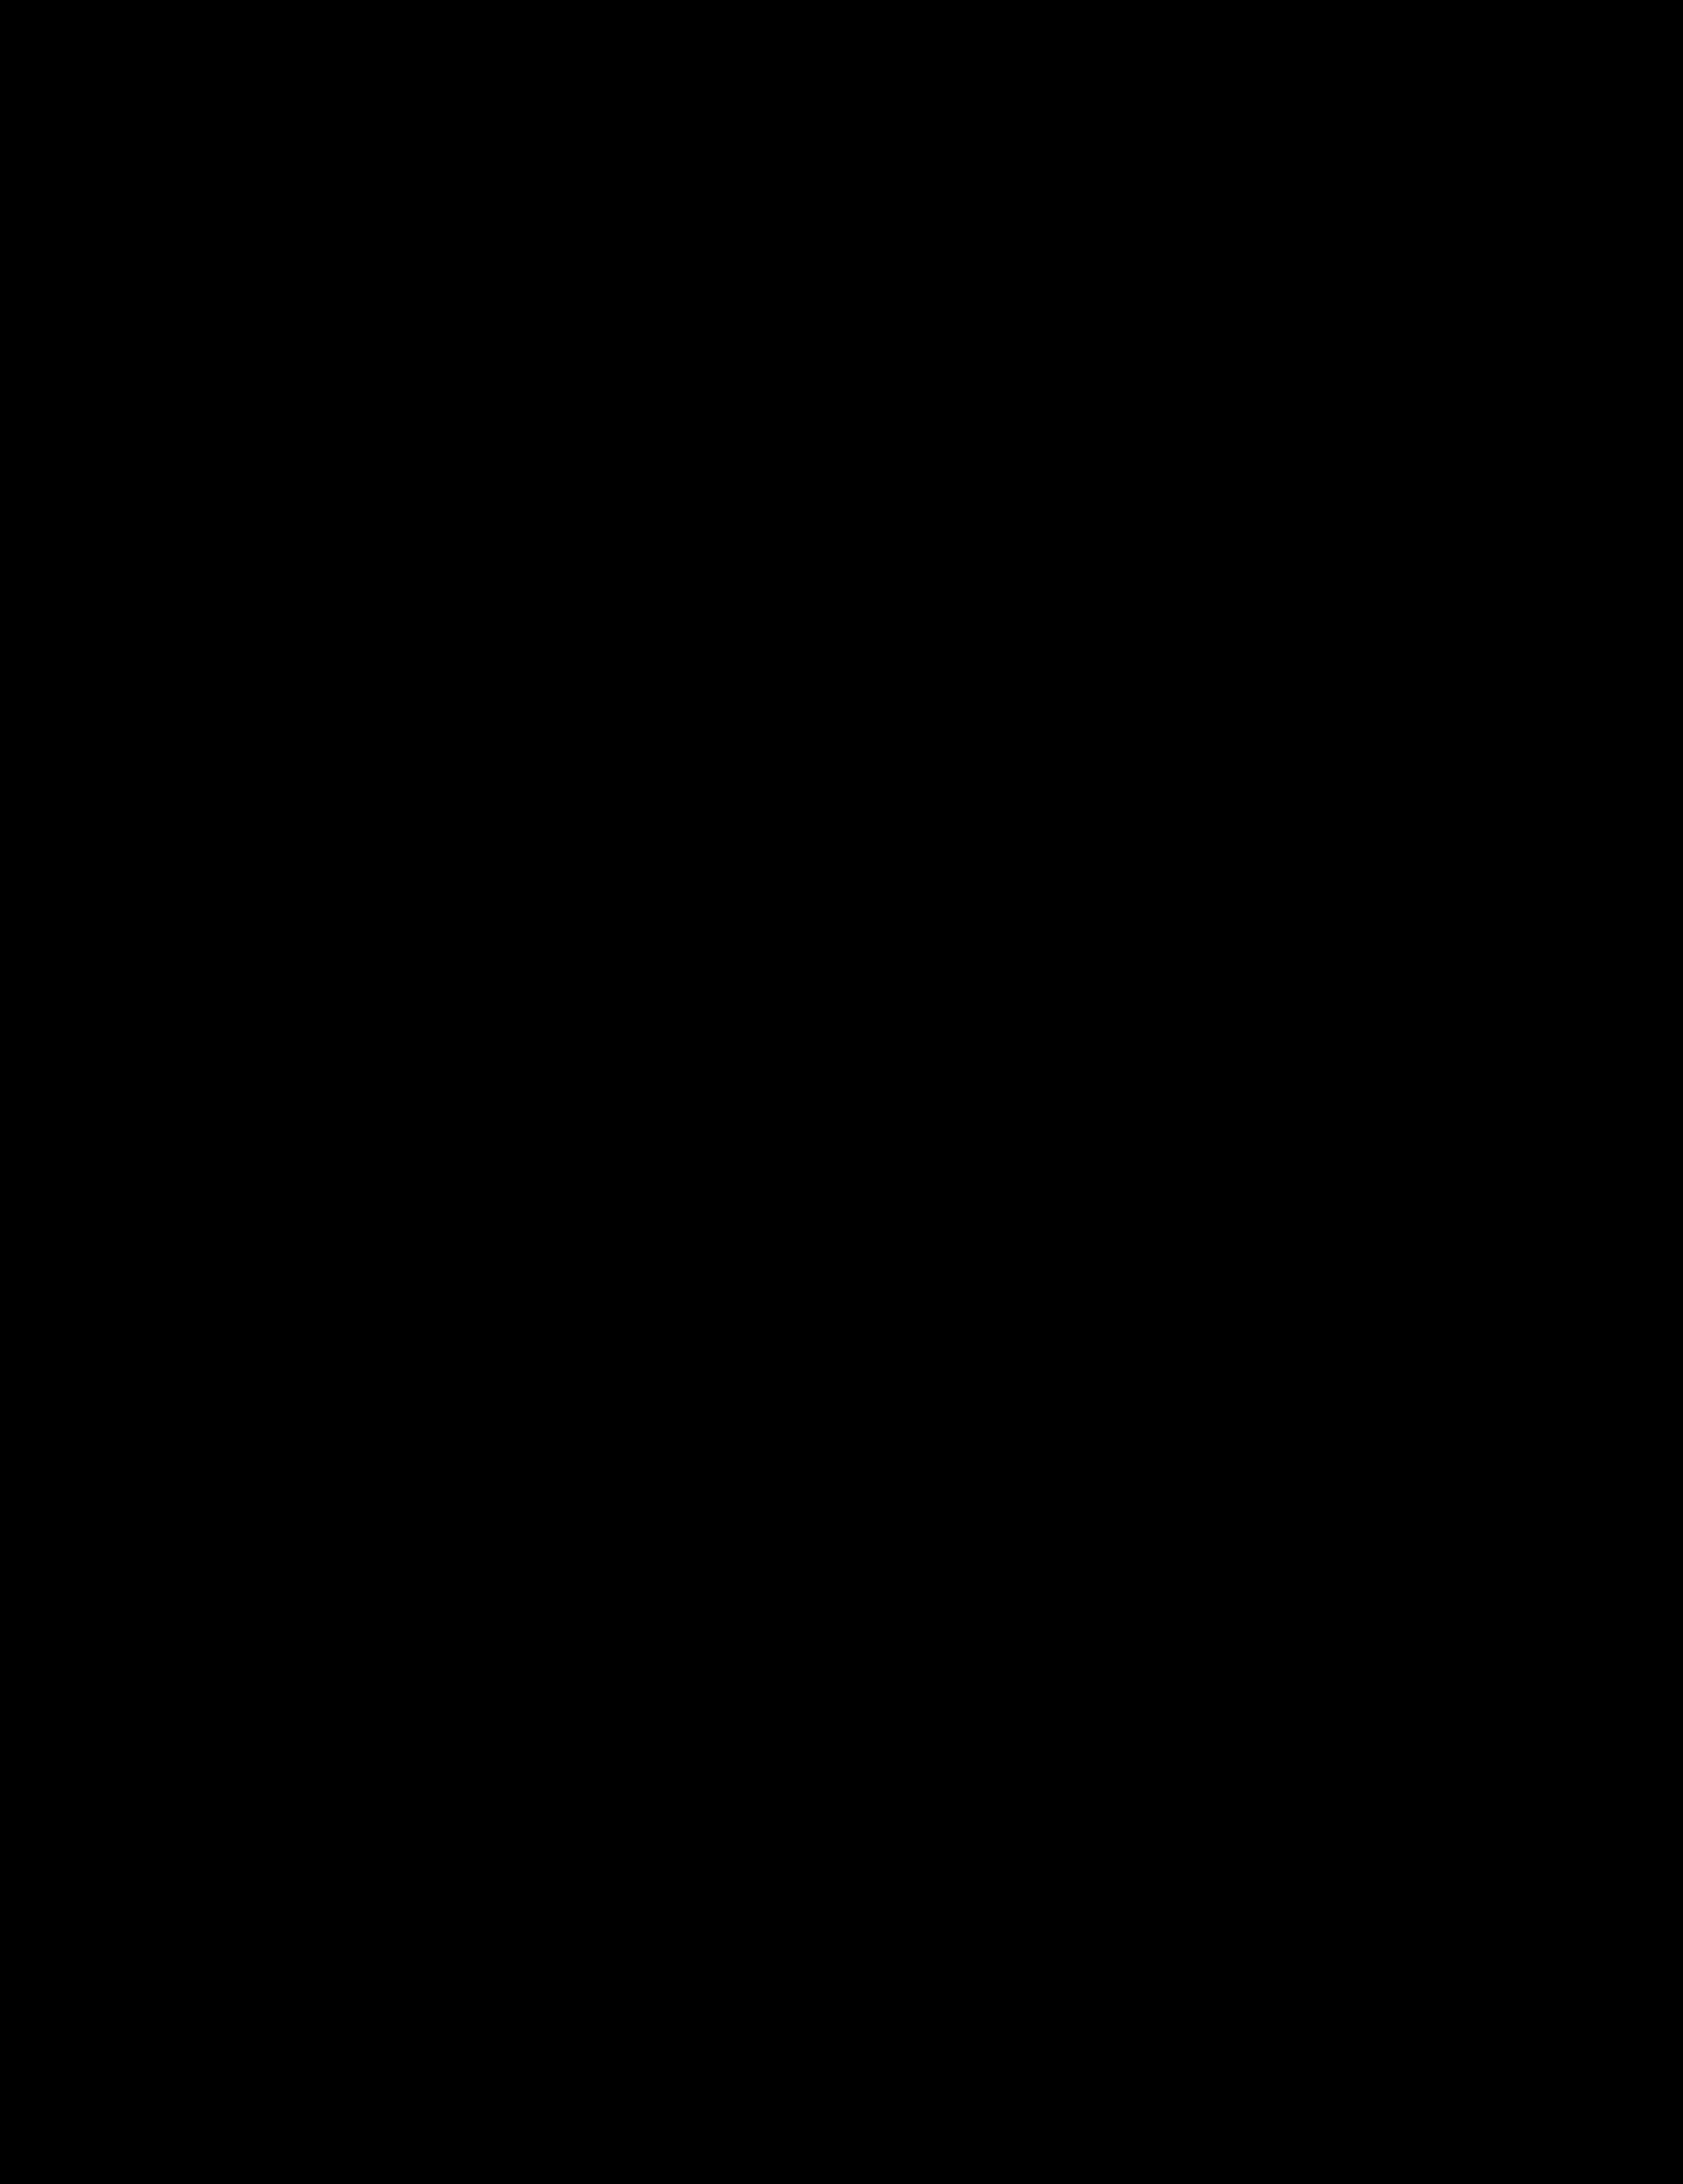 Orange nut cake (Credit: Anatoly Michaelo)